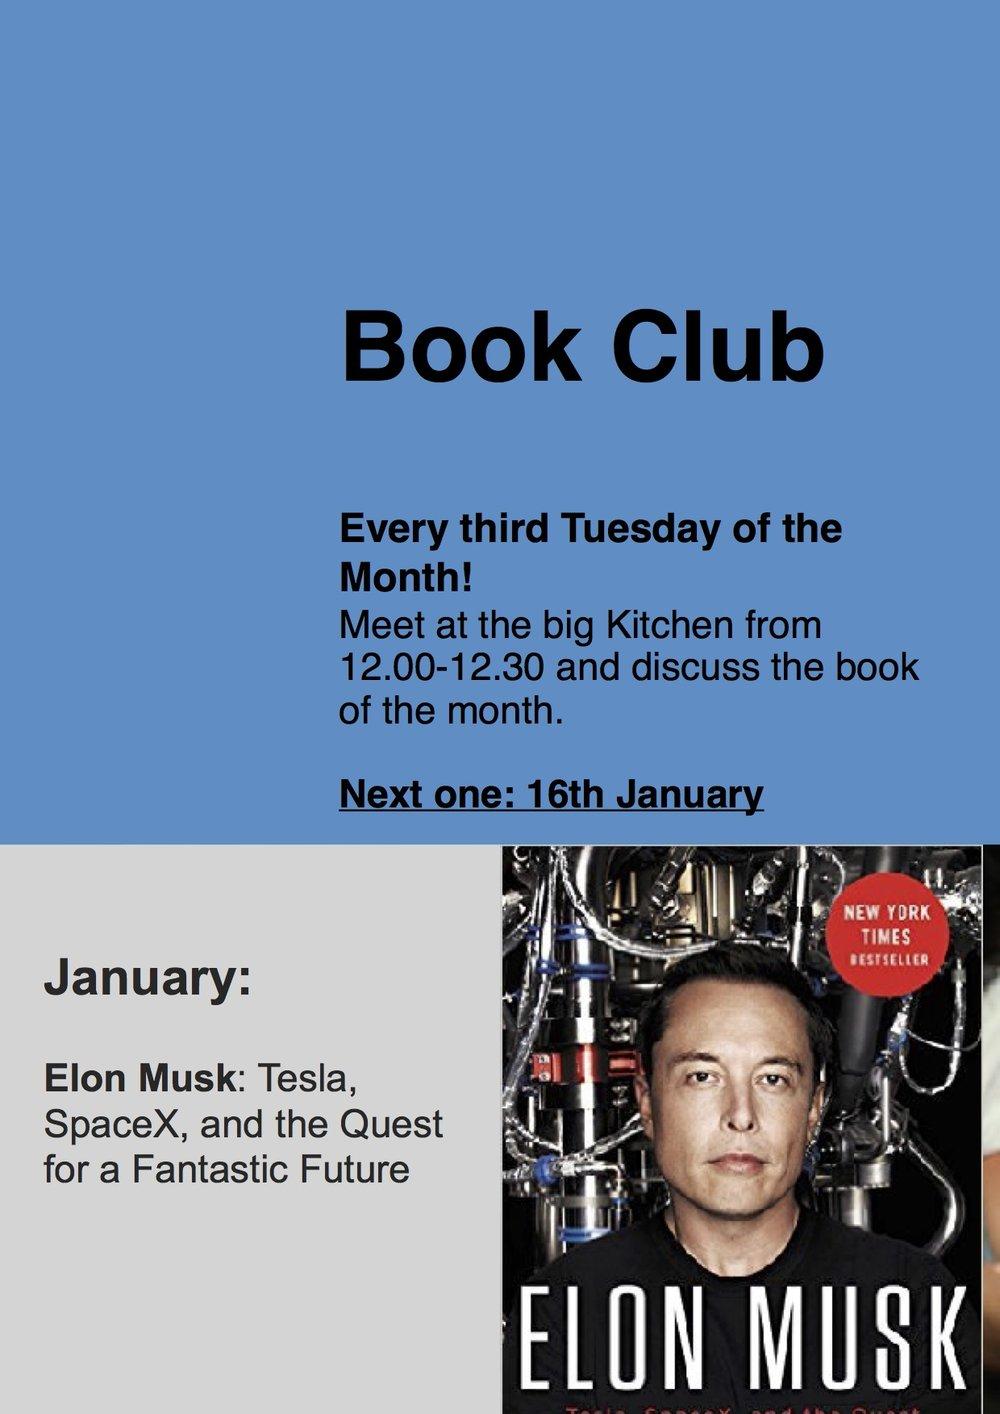 Book Club Poster jpg.jpg